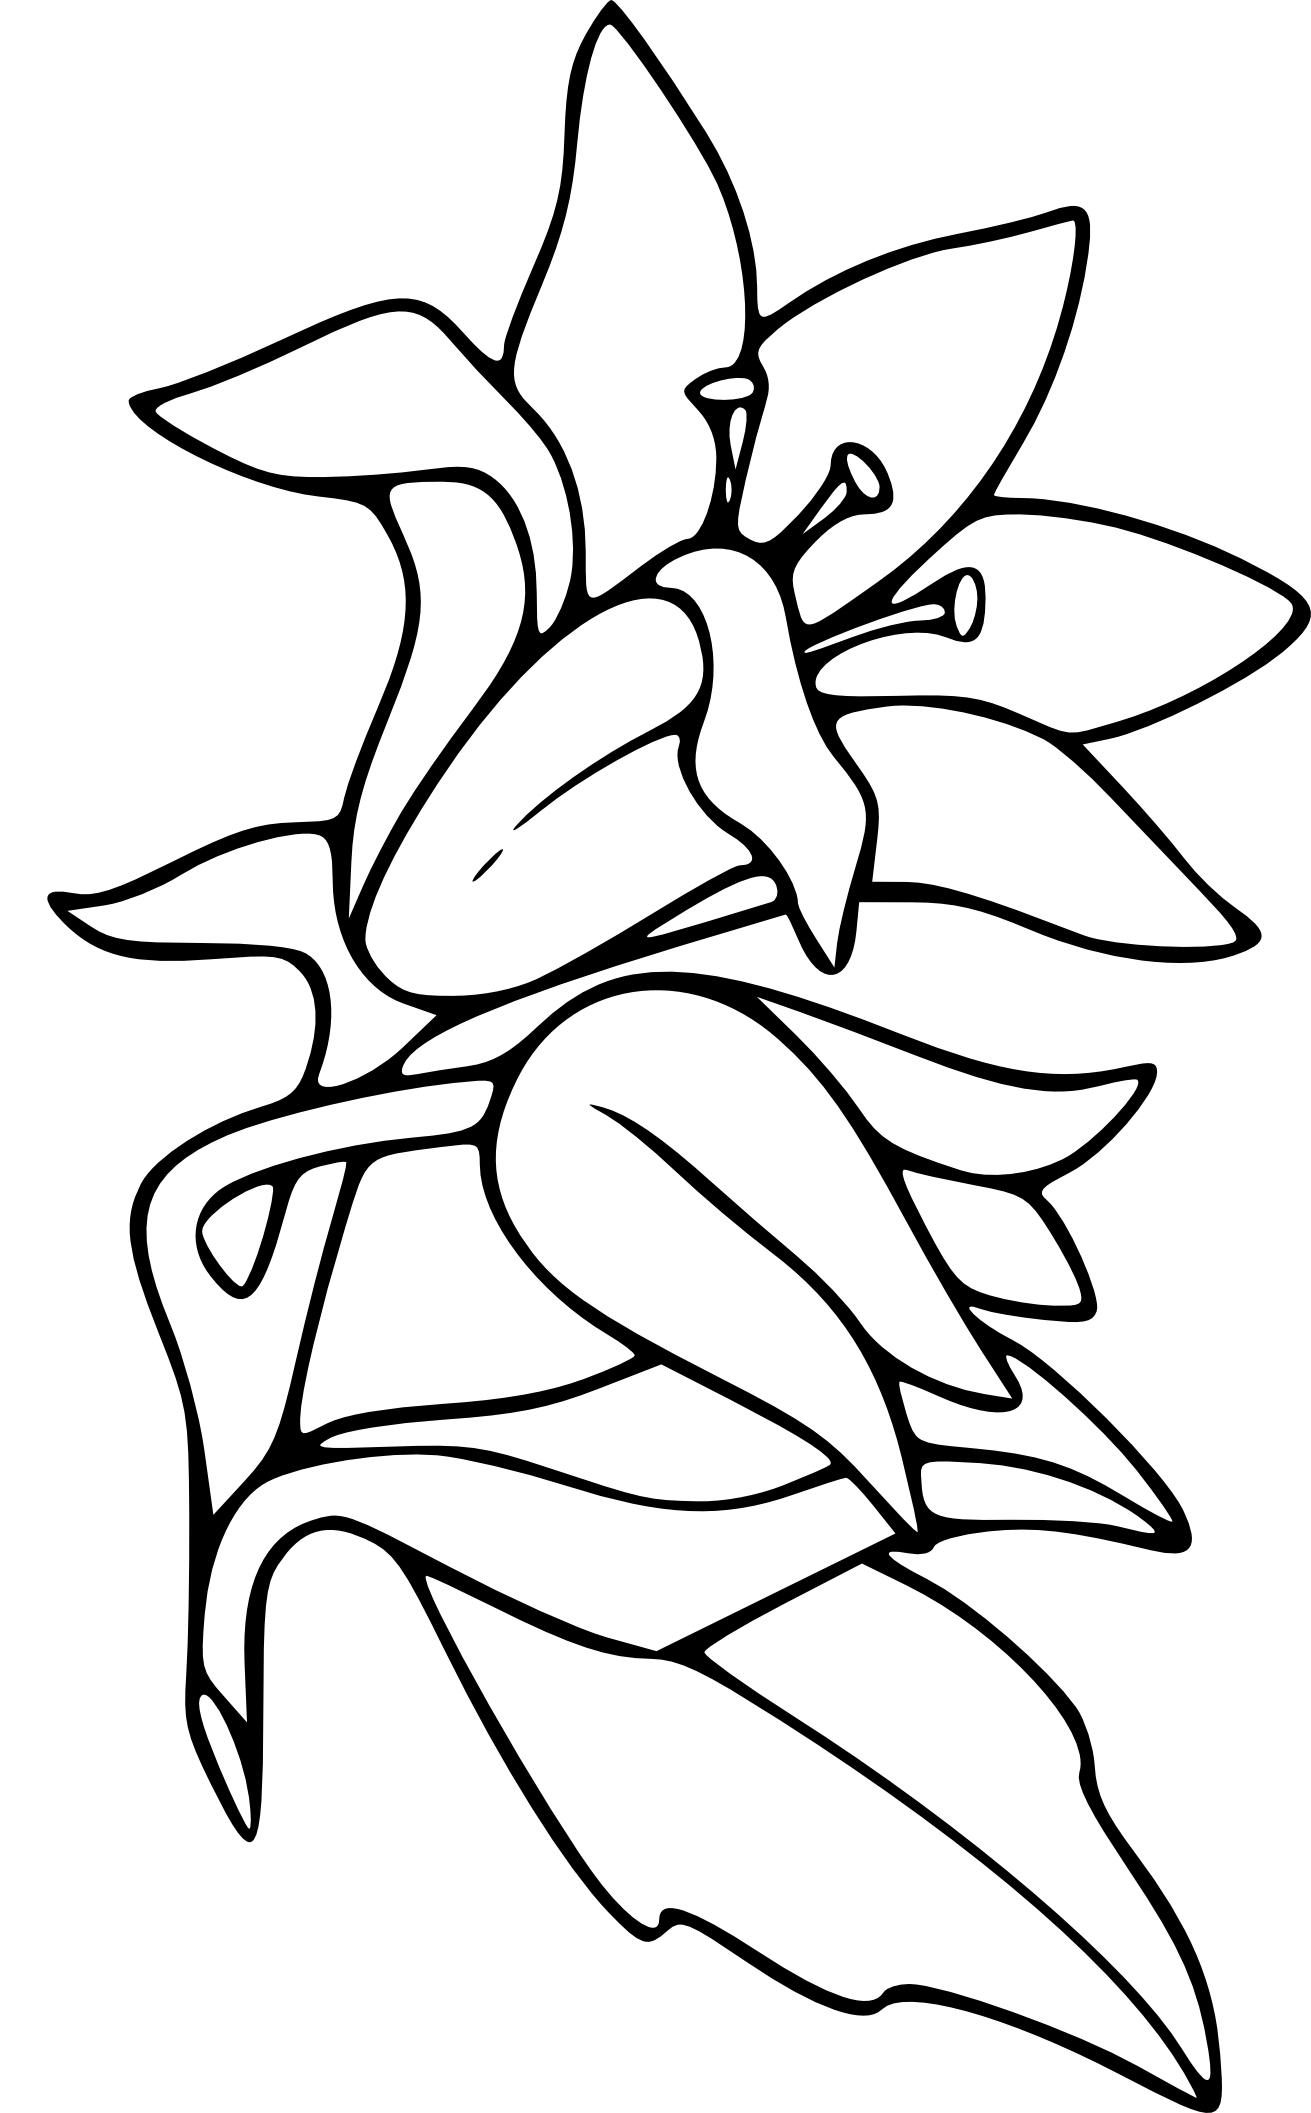 Coloriage Fleur De Lys À Imprimer encequiconcerne Dessin A Colorier De Fleur